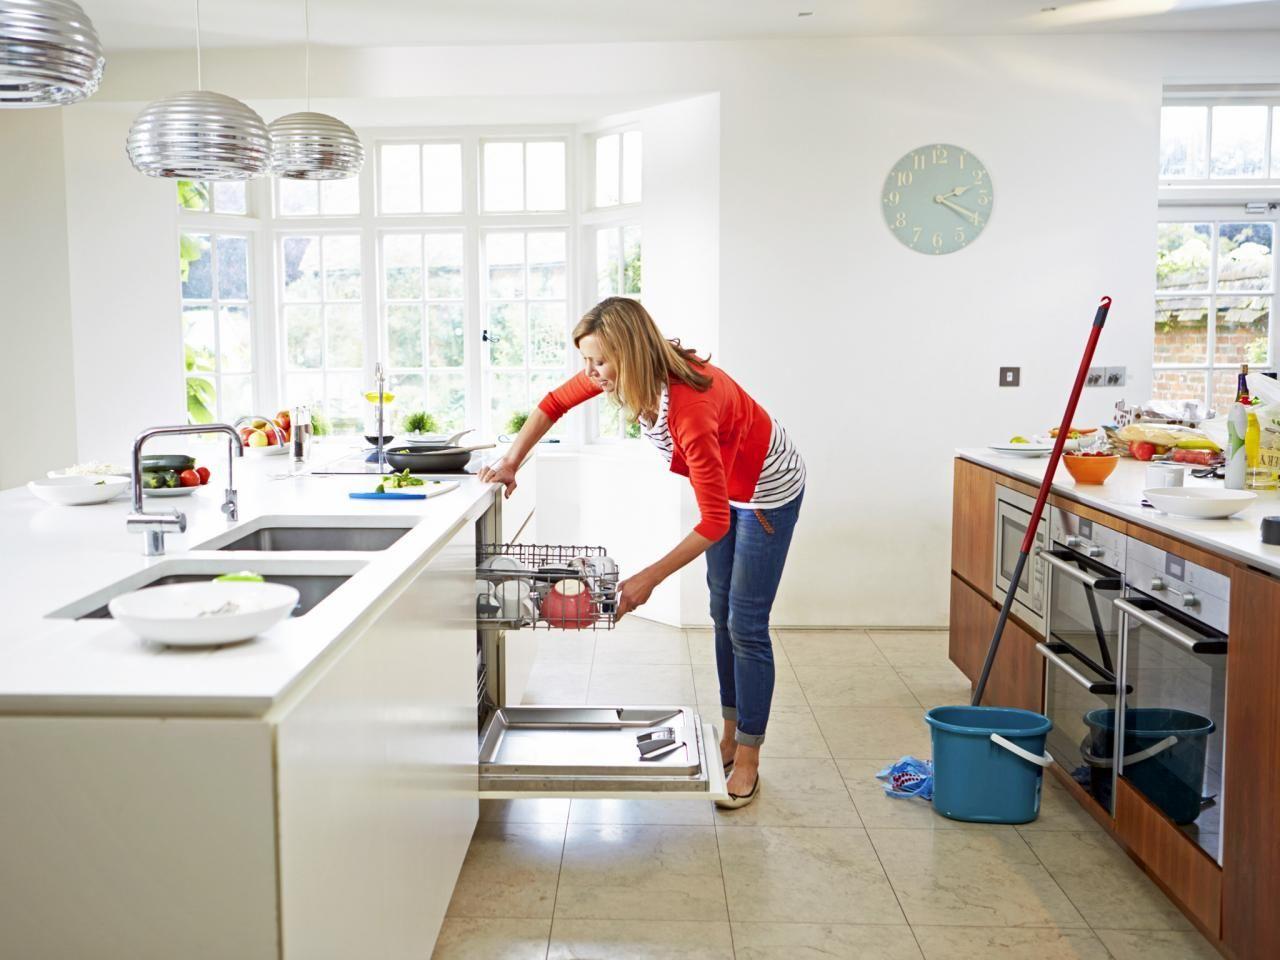 Maneras Incorrectas De Limpiar La Cocina Cosas Para El Hogar  ~ El Lavavajillas Deja Los Vasos Blanquecinos